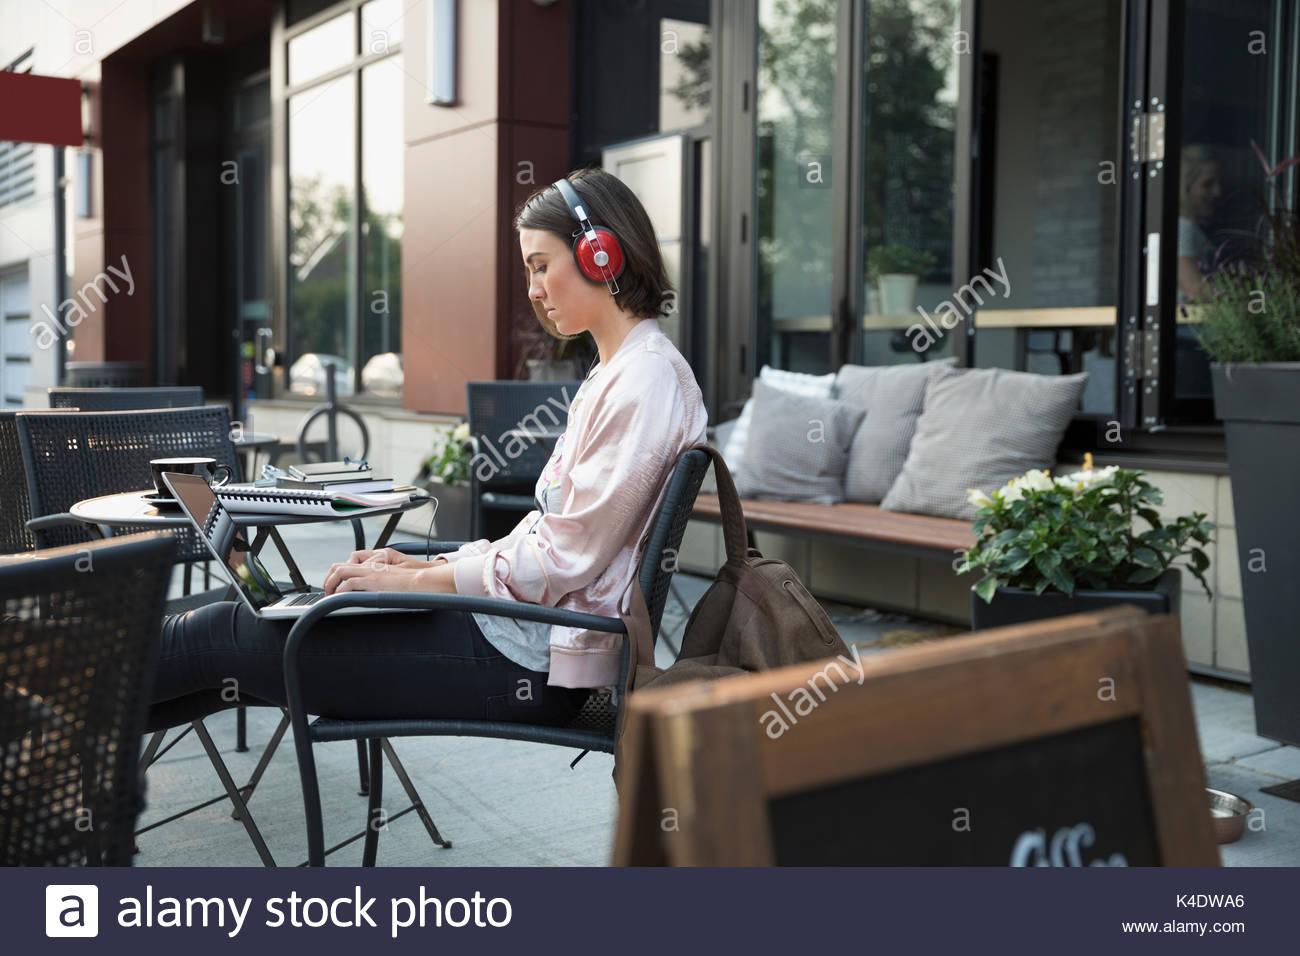 Brunette donna con le cuffie per ascoltare musica e utilizzando computer portatile presso cafè sul marciapiede Immagini Stock